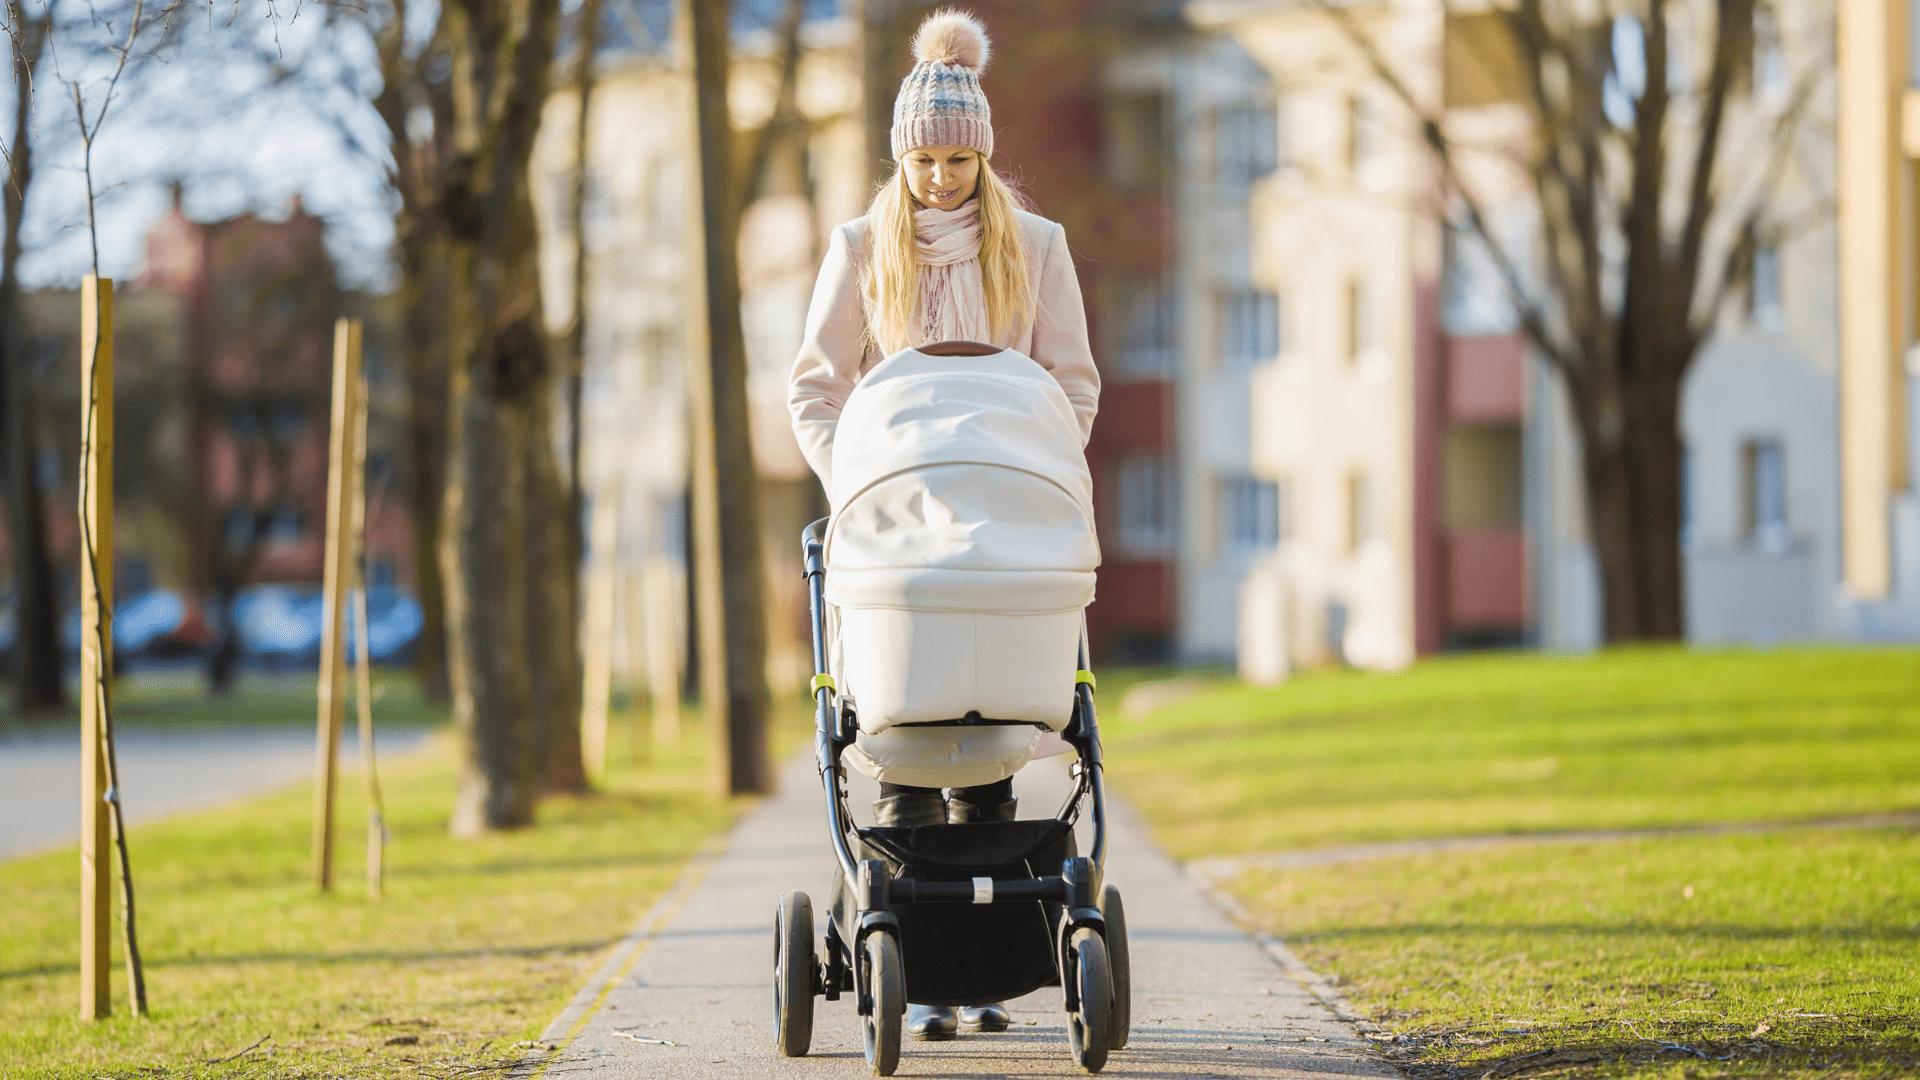 O carrinho de bebê com Travel System traz alguns diferenciais e benefícios para os pais (Imagem: Reprodução/Shutterstock)